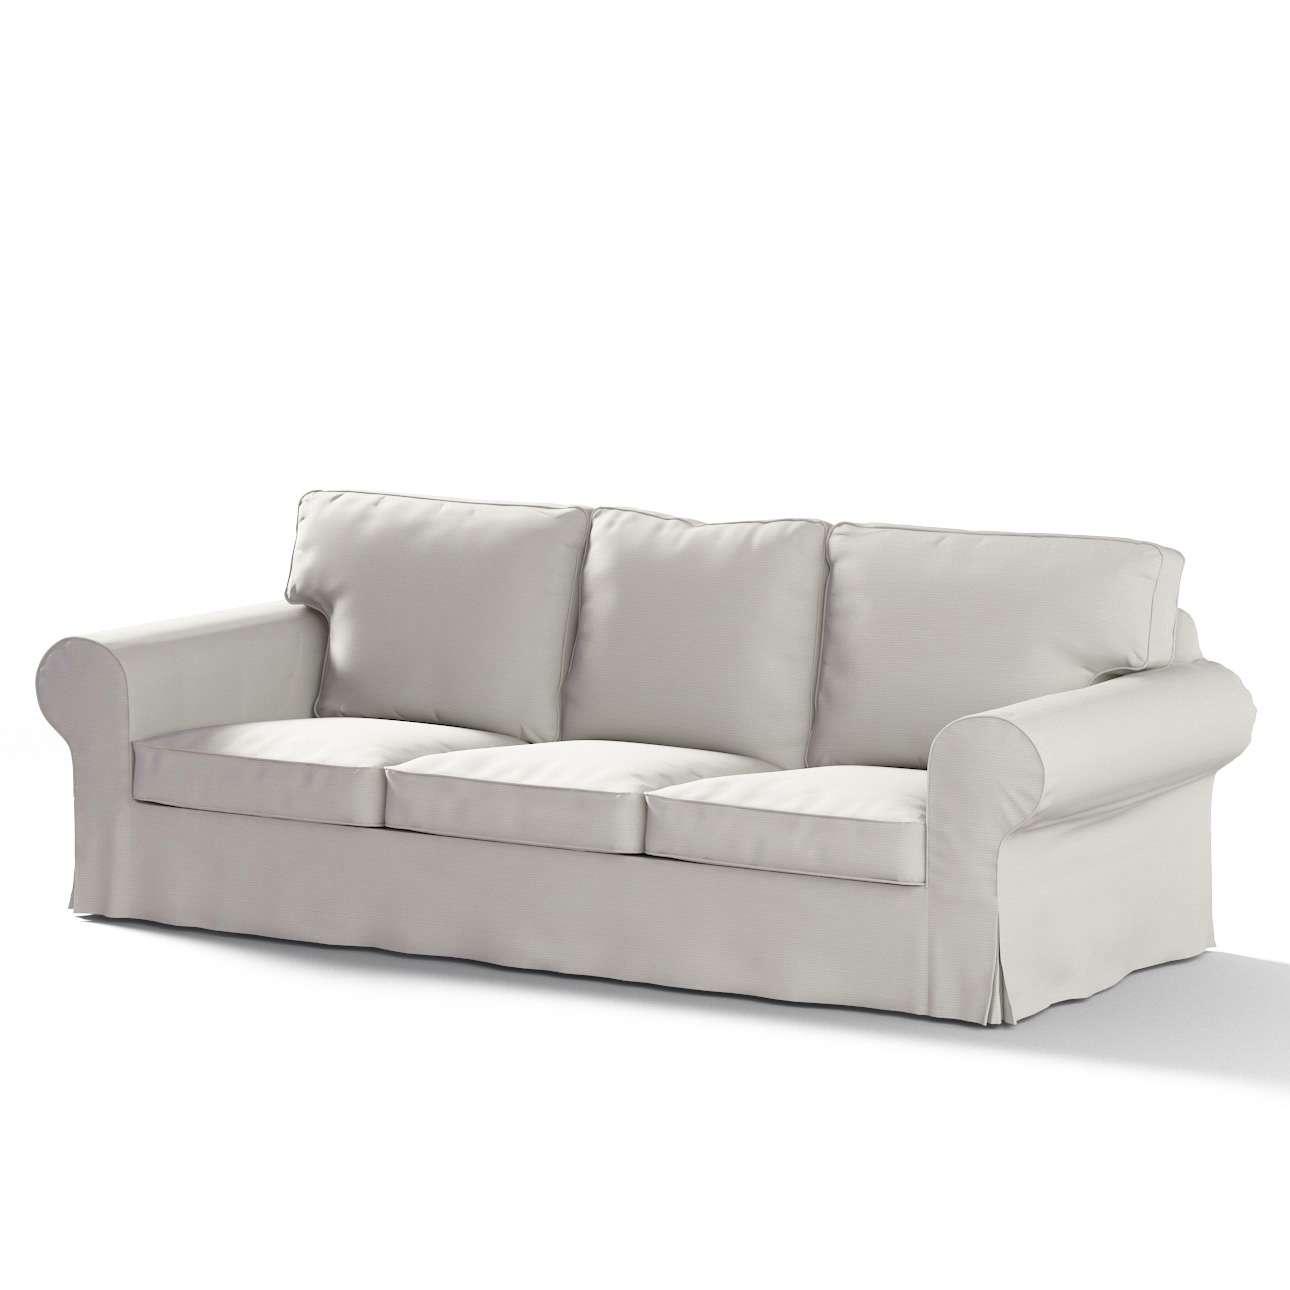 Trekk IKEA sofa og IKEA stoler Kjøp trekk til IKEA sofa og